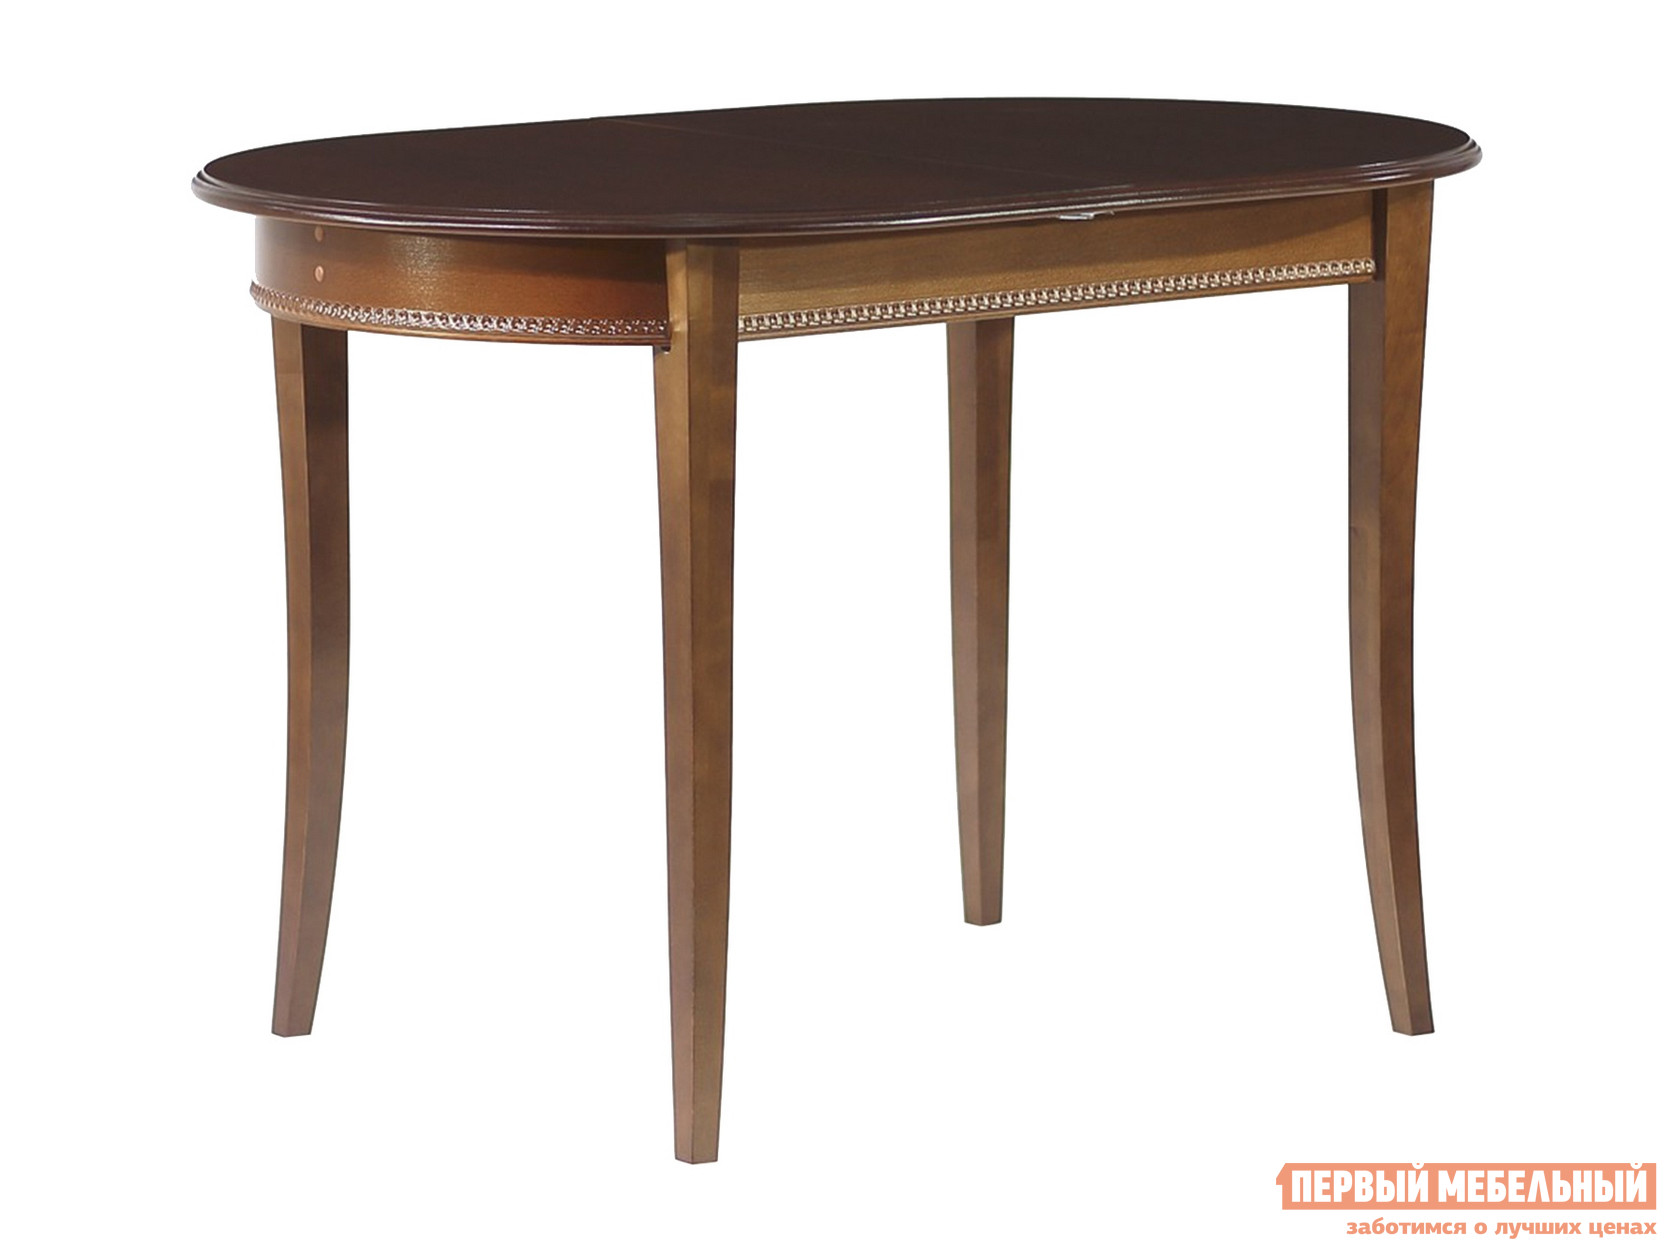 Обеденный стол ДИК Стол Альт 5-15 эконом обеденный стол дик стол альт 69 11